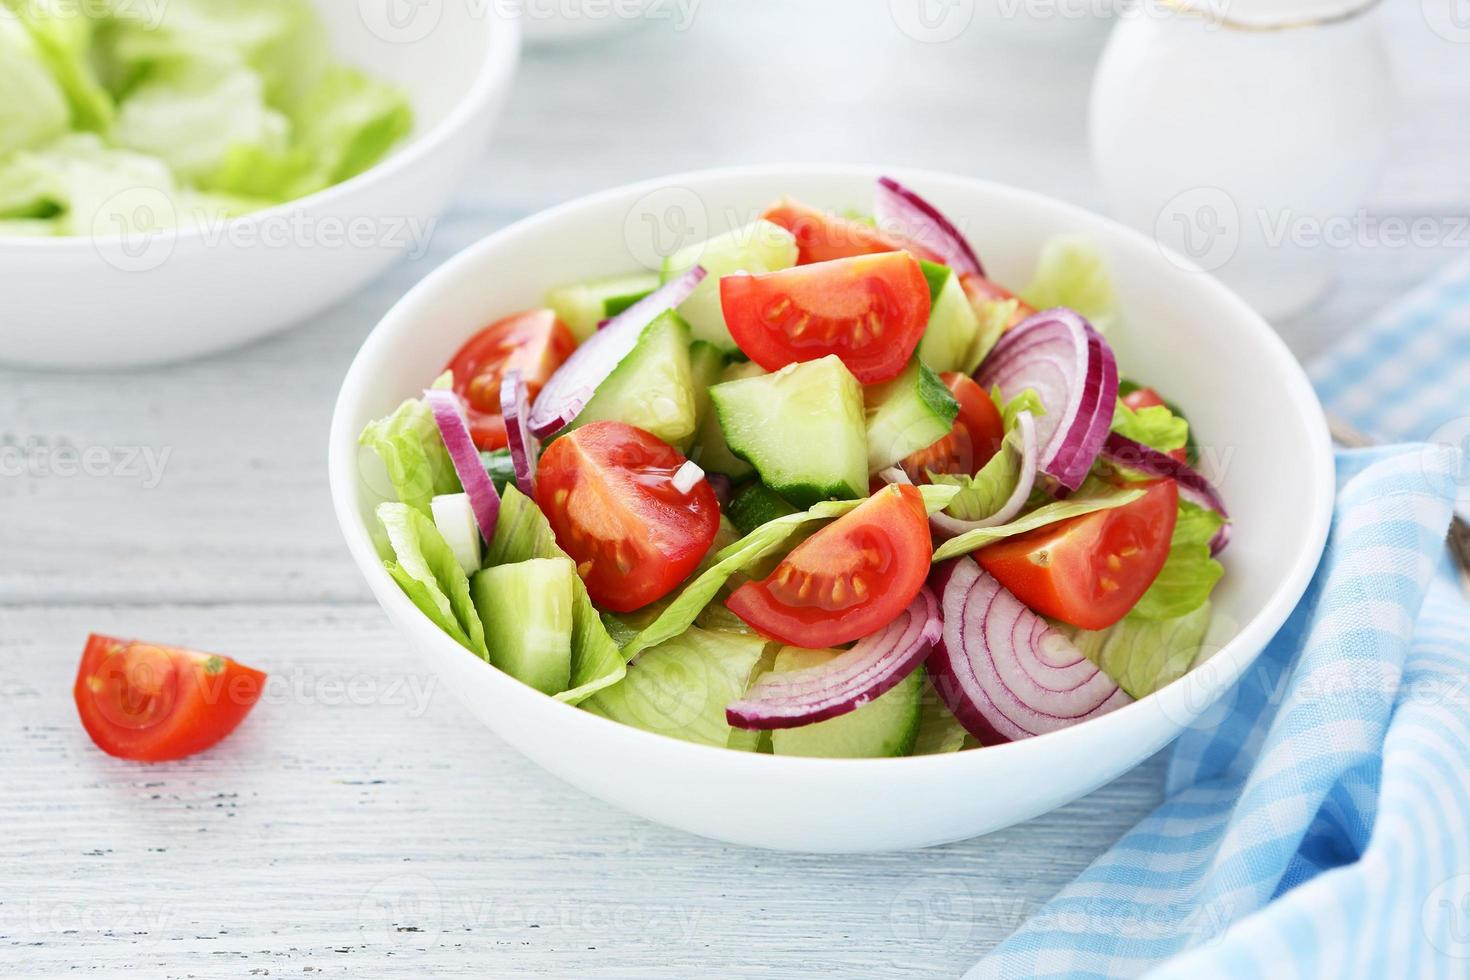 insalata con verdure foto